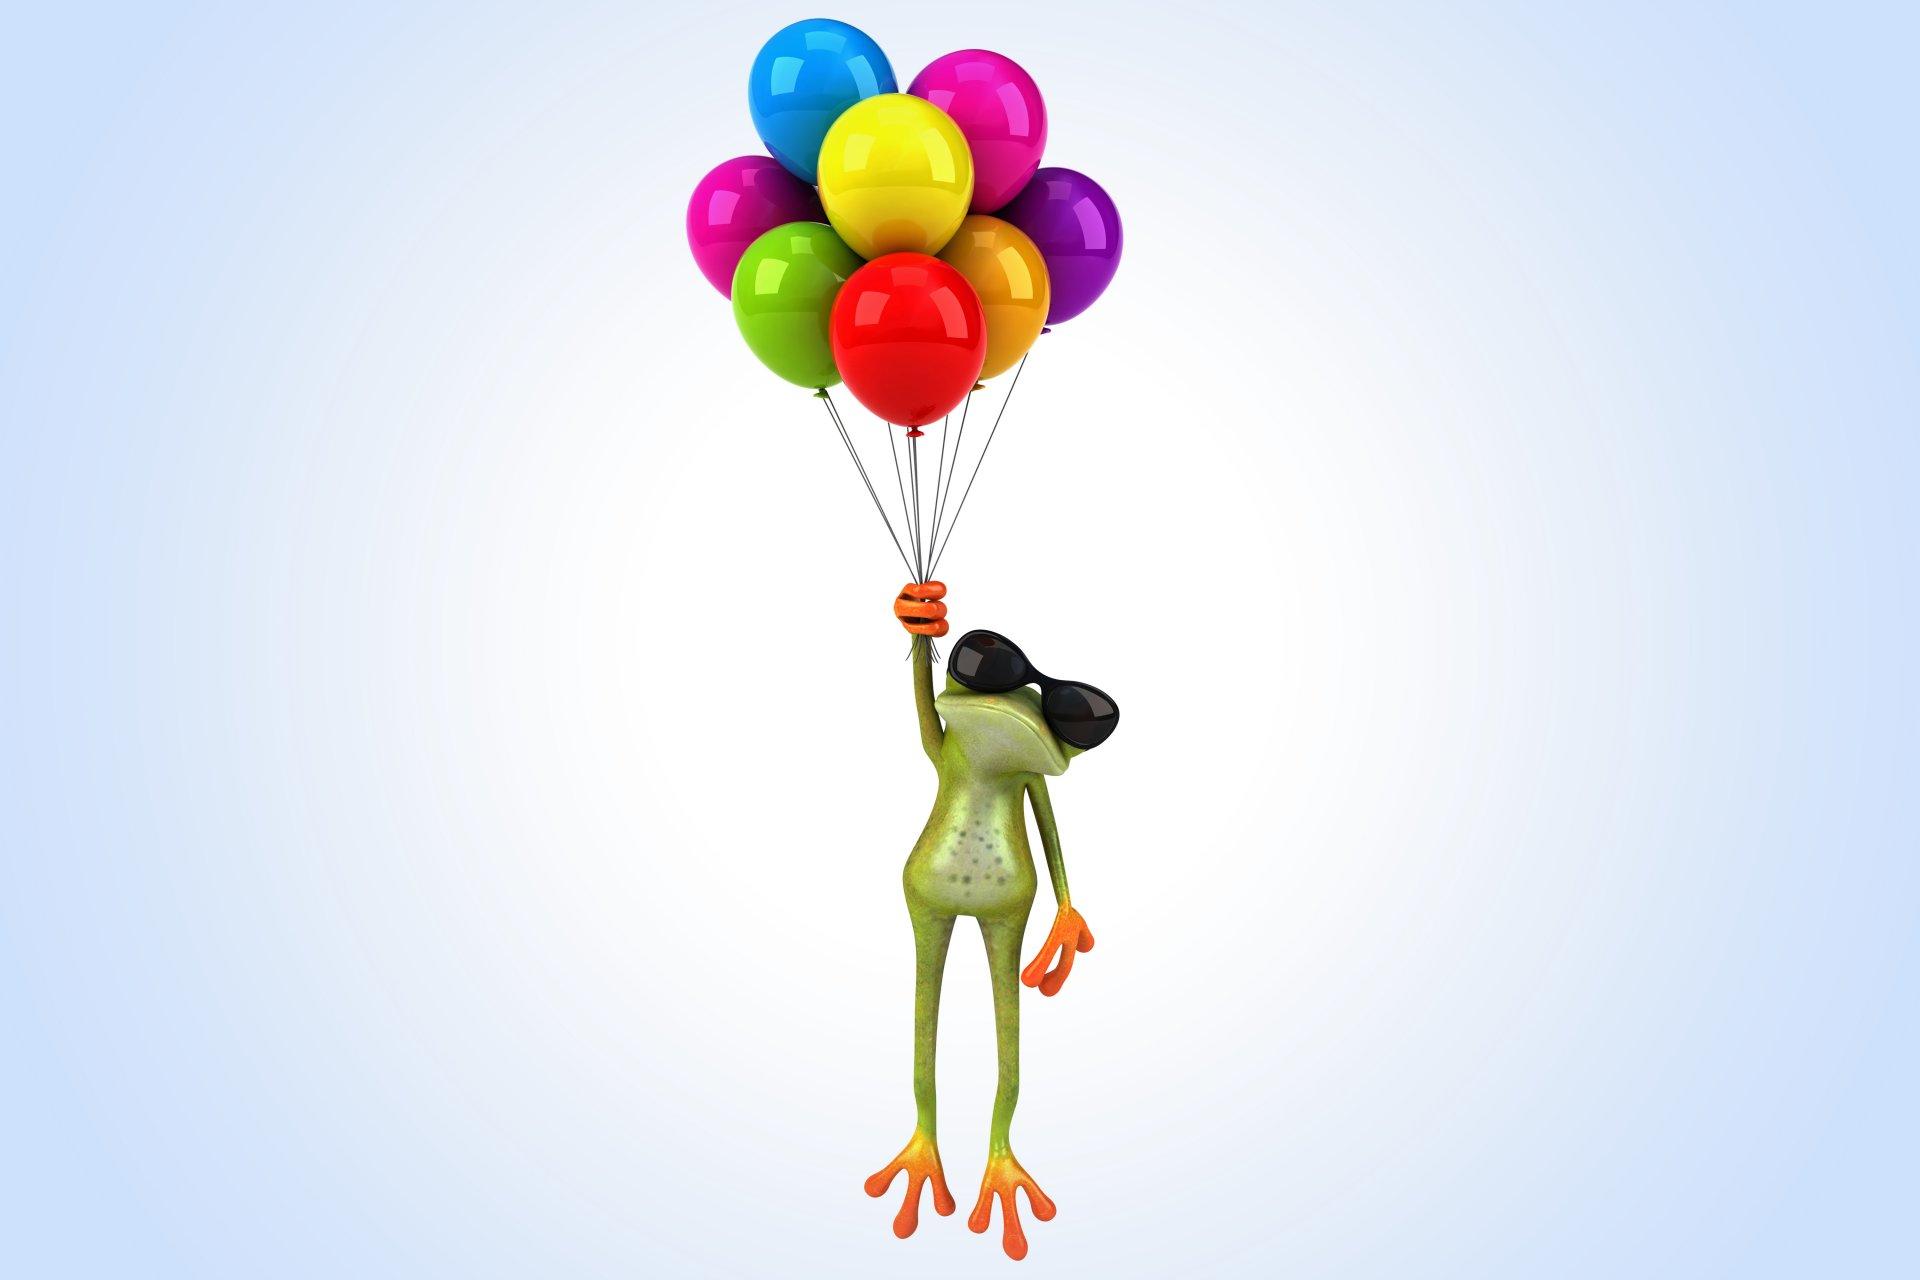 Воздушный шарик смешной картинки, семечки надписью открытки